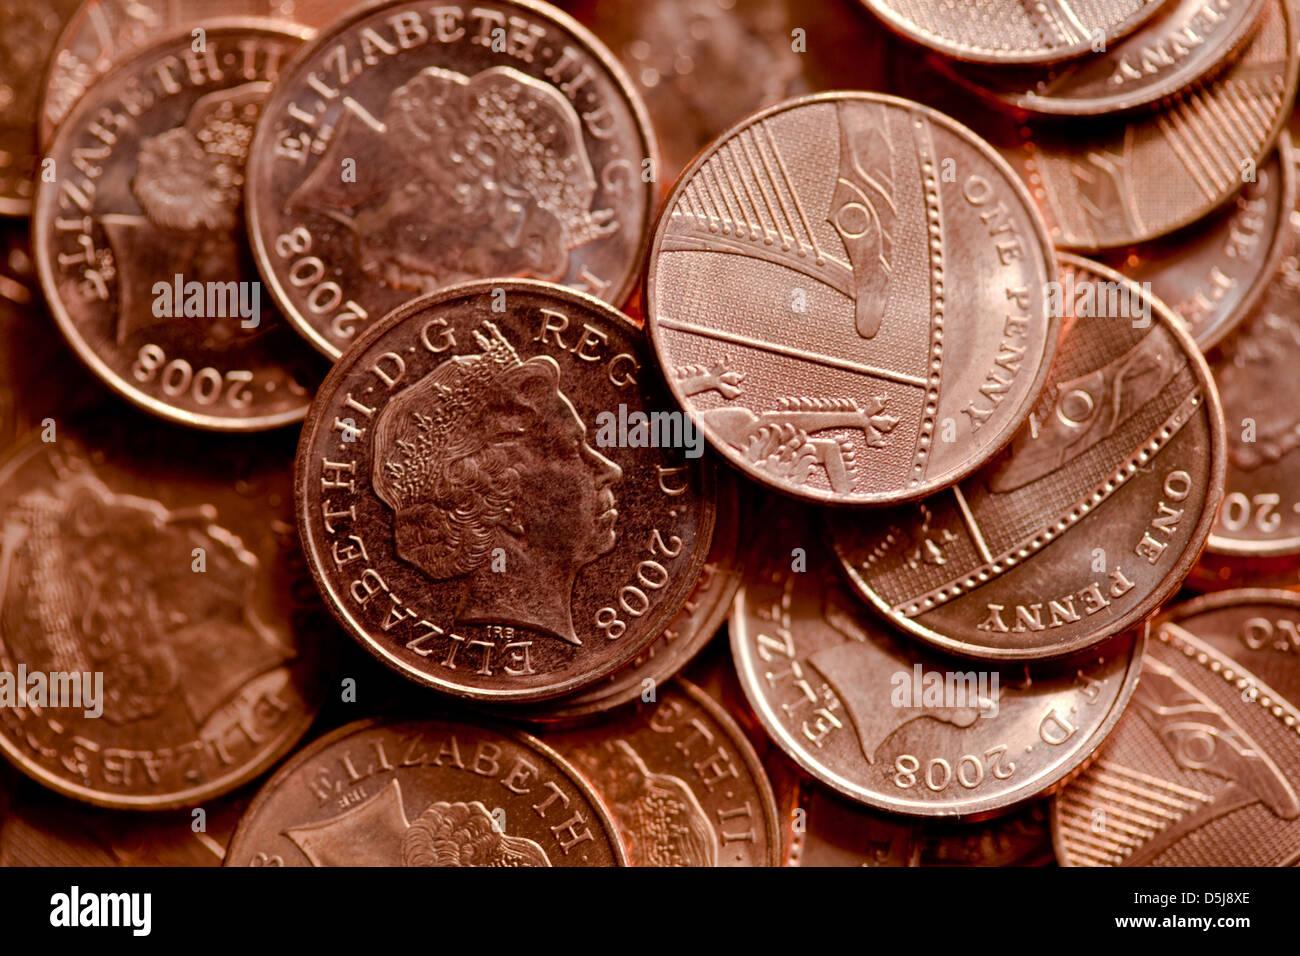 Bronze Coins Stock Photo: 55106534 - Alamy